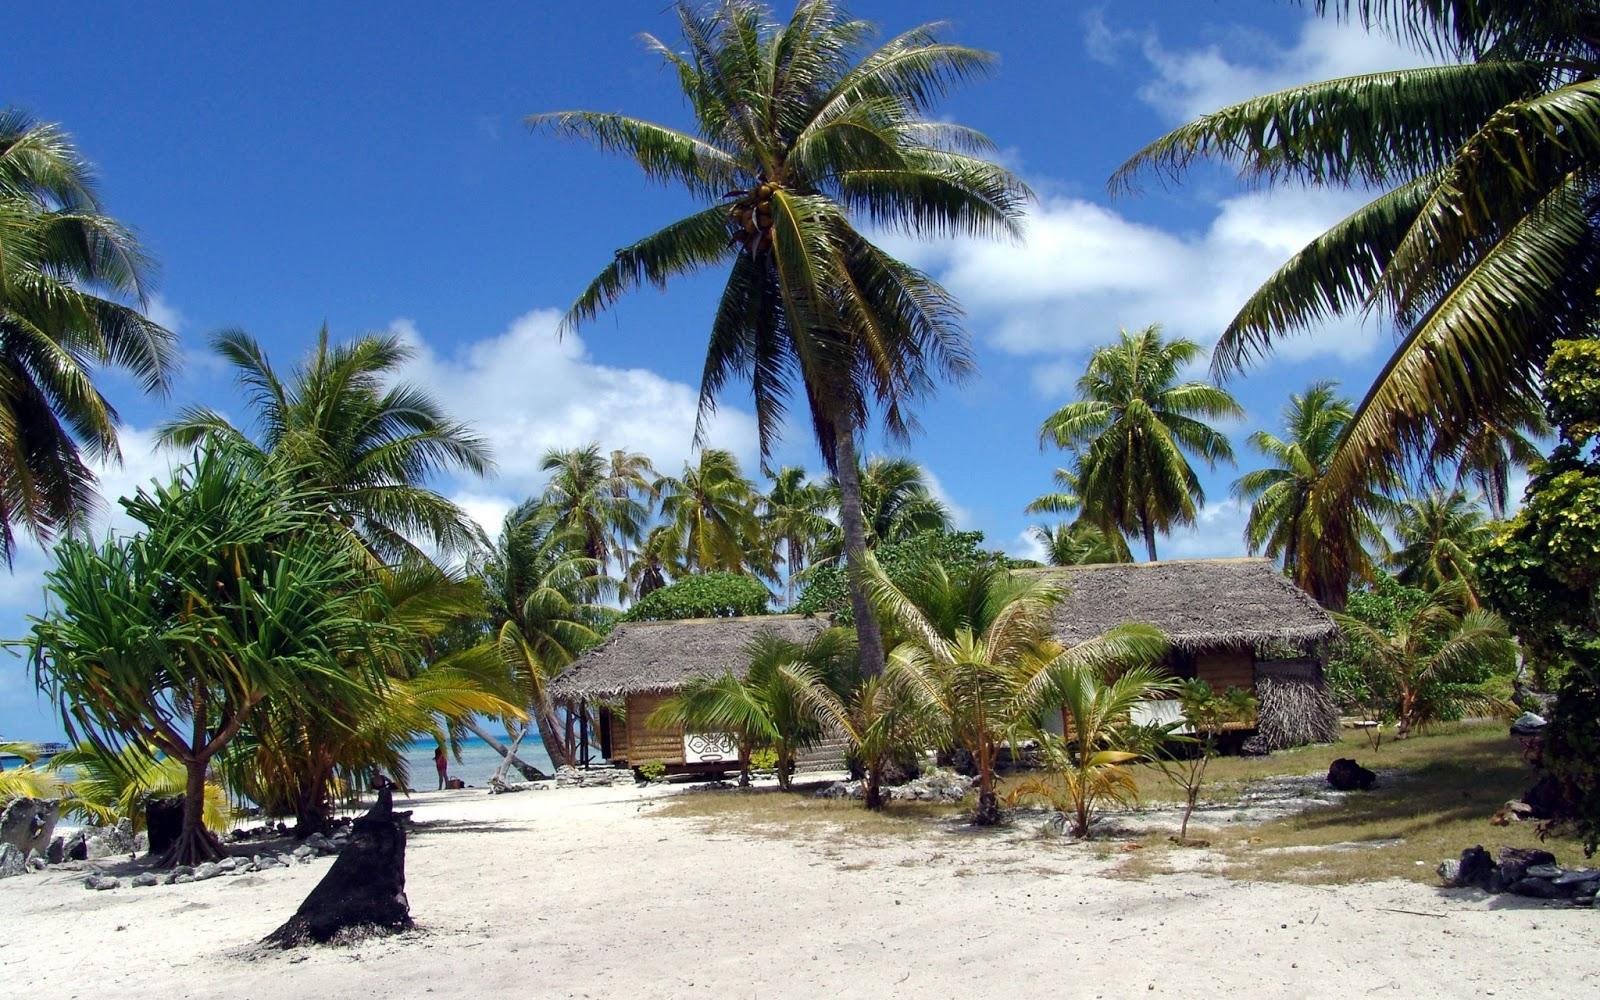 Tropical Island Beach Hut